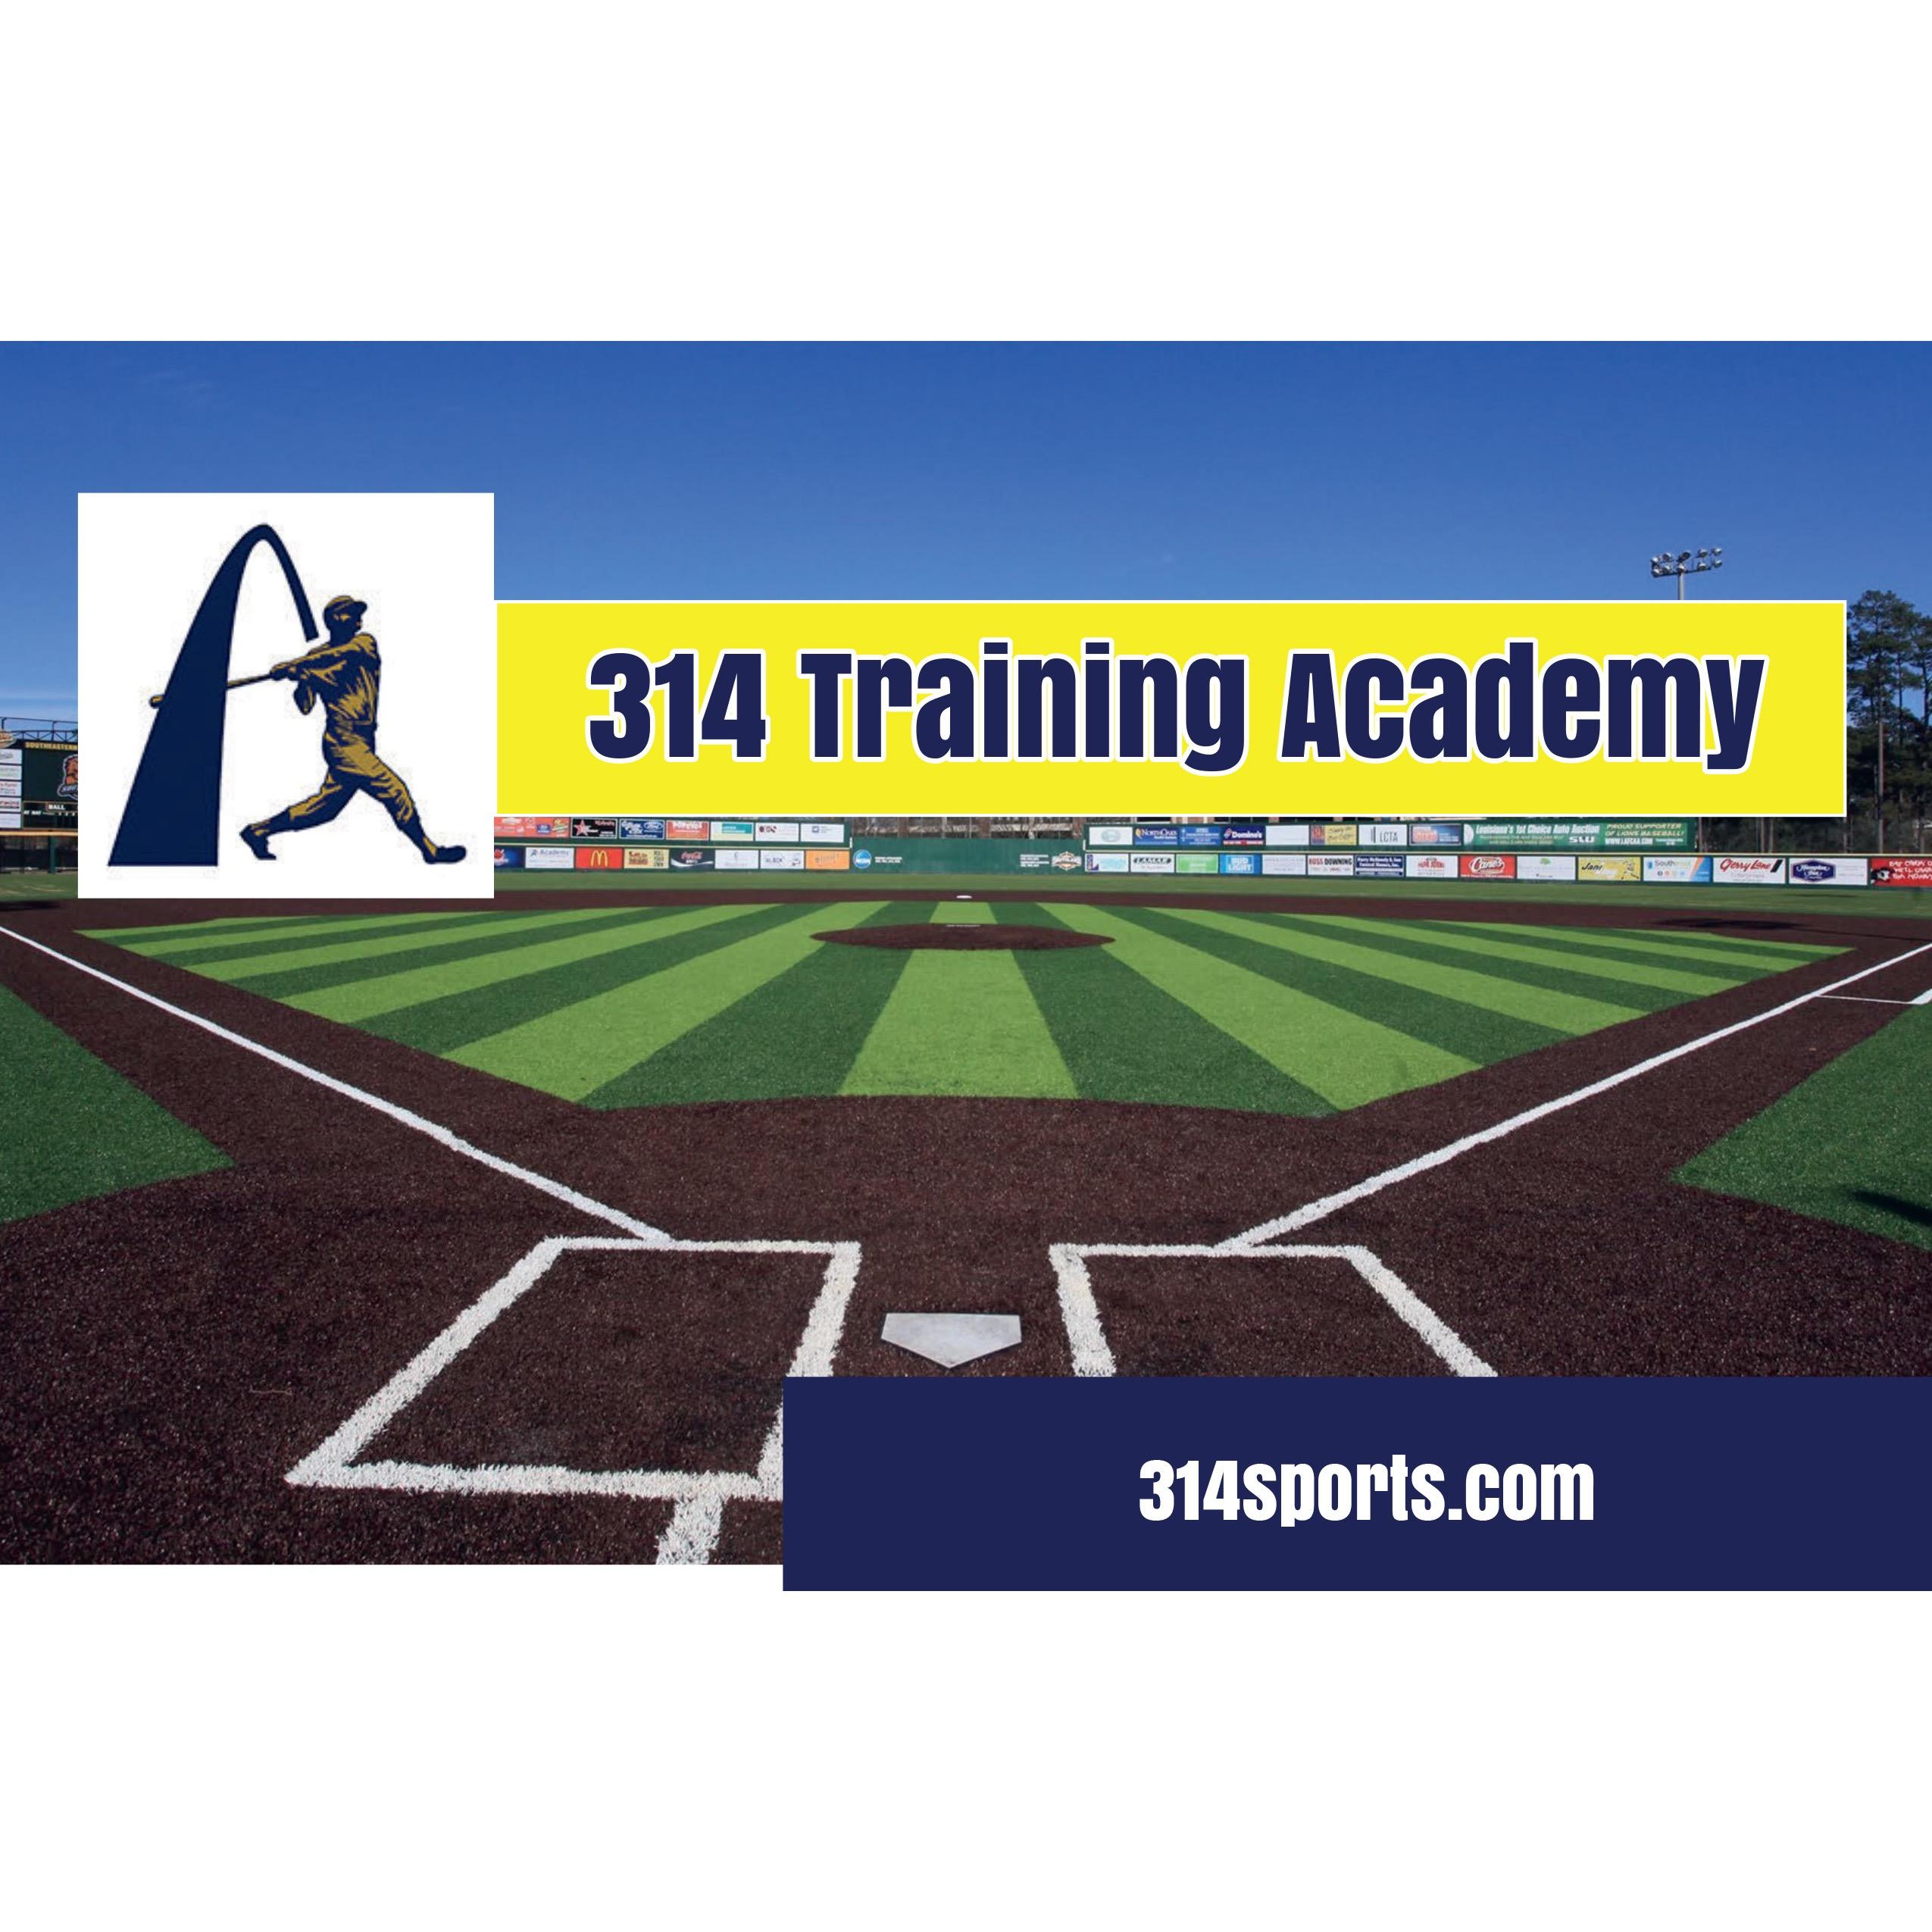 314 Training Academy